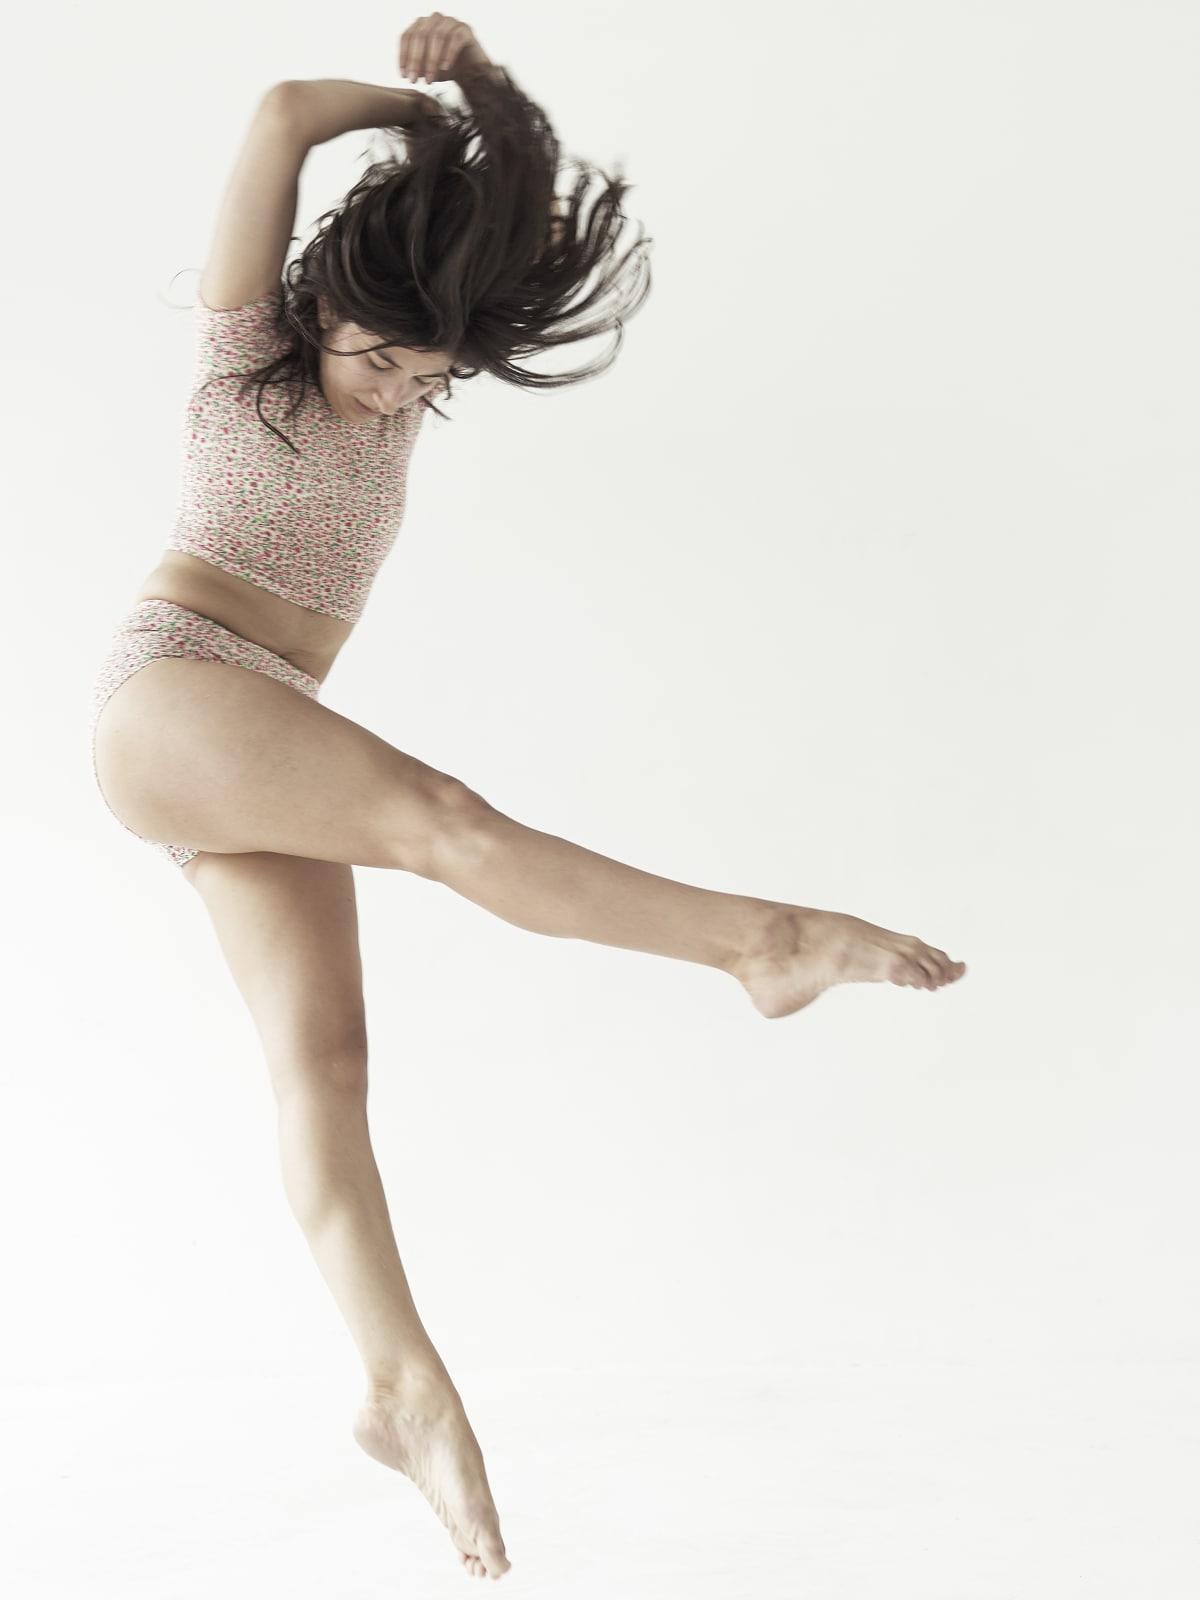 Dancer: Laura Gutierrez